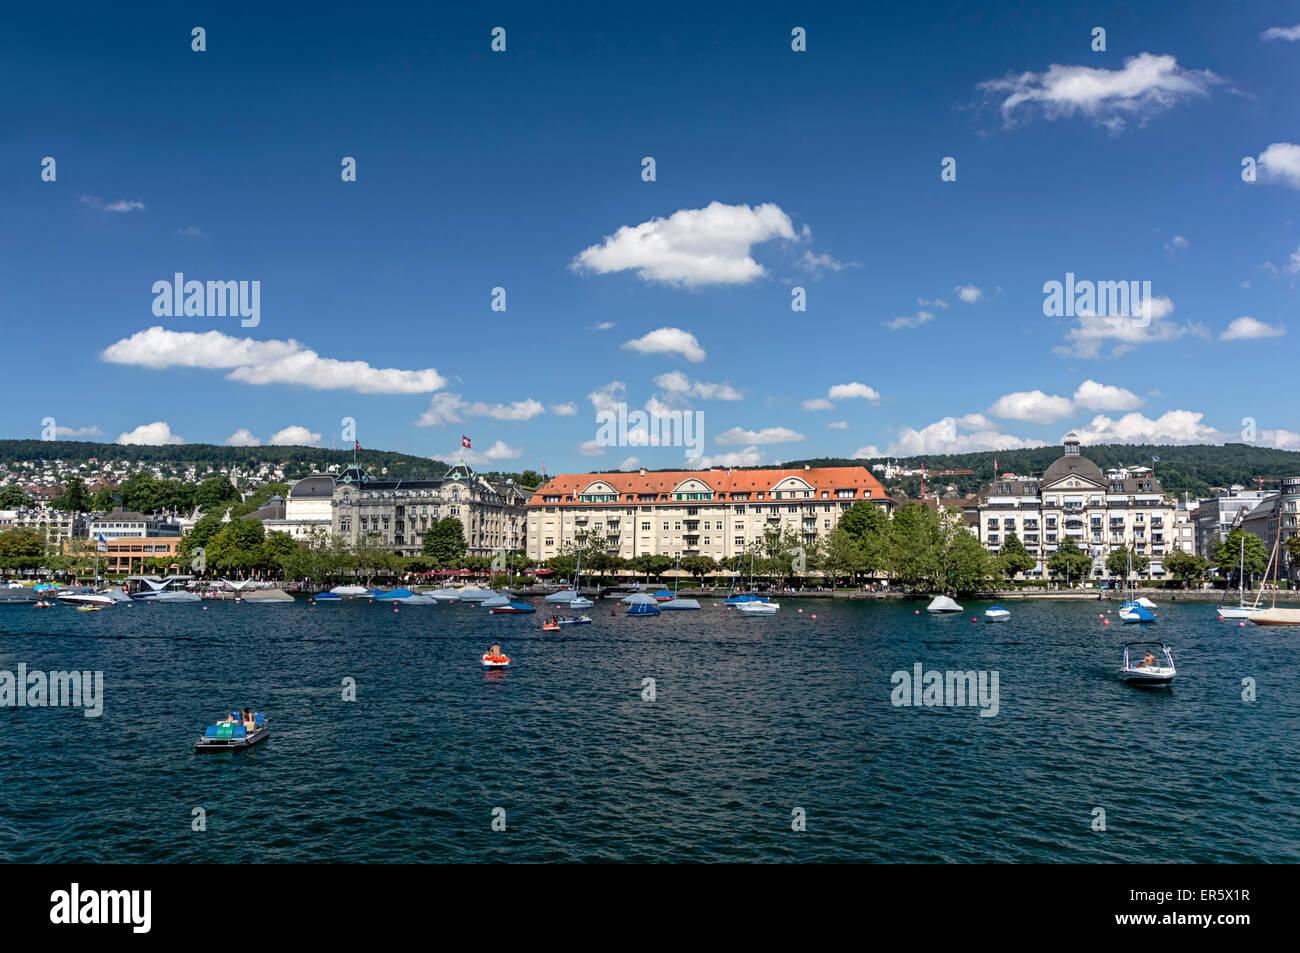 Lake Zurich, Promenade with old houses and villas, Zurich, Canton Zurich, Switzerland - Stock Image